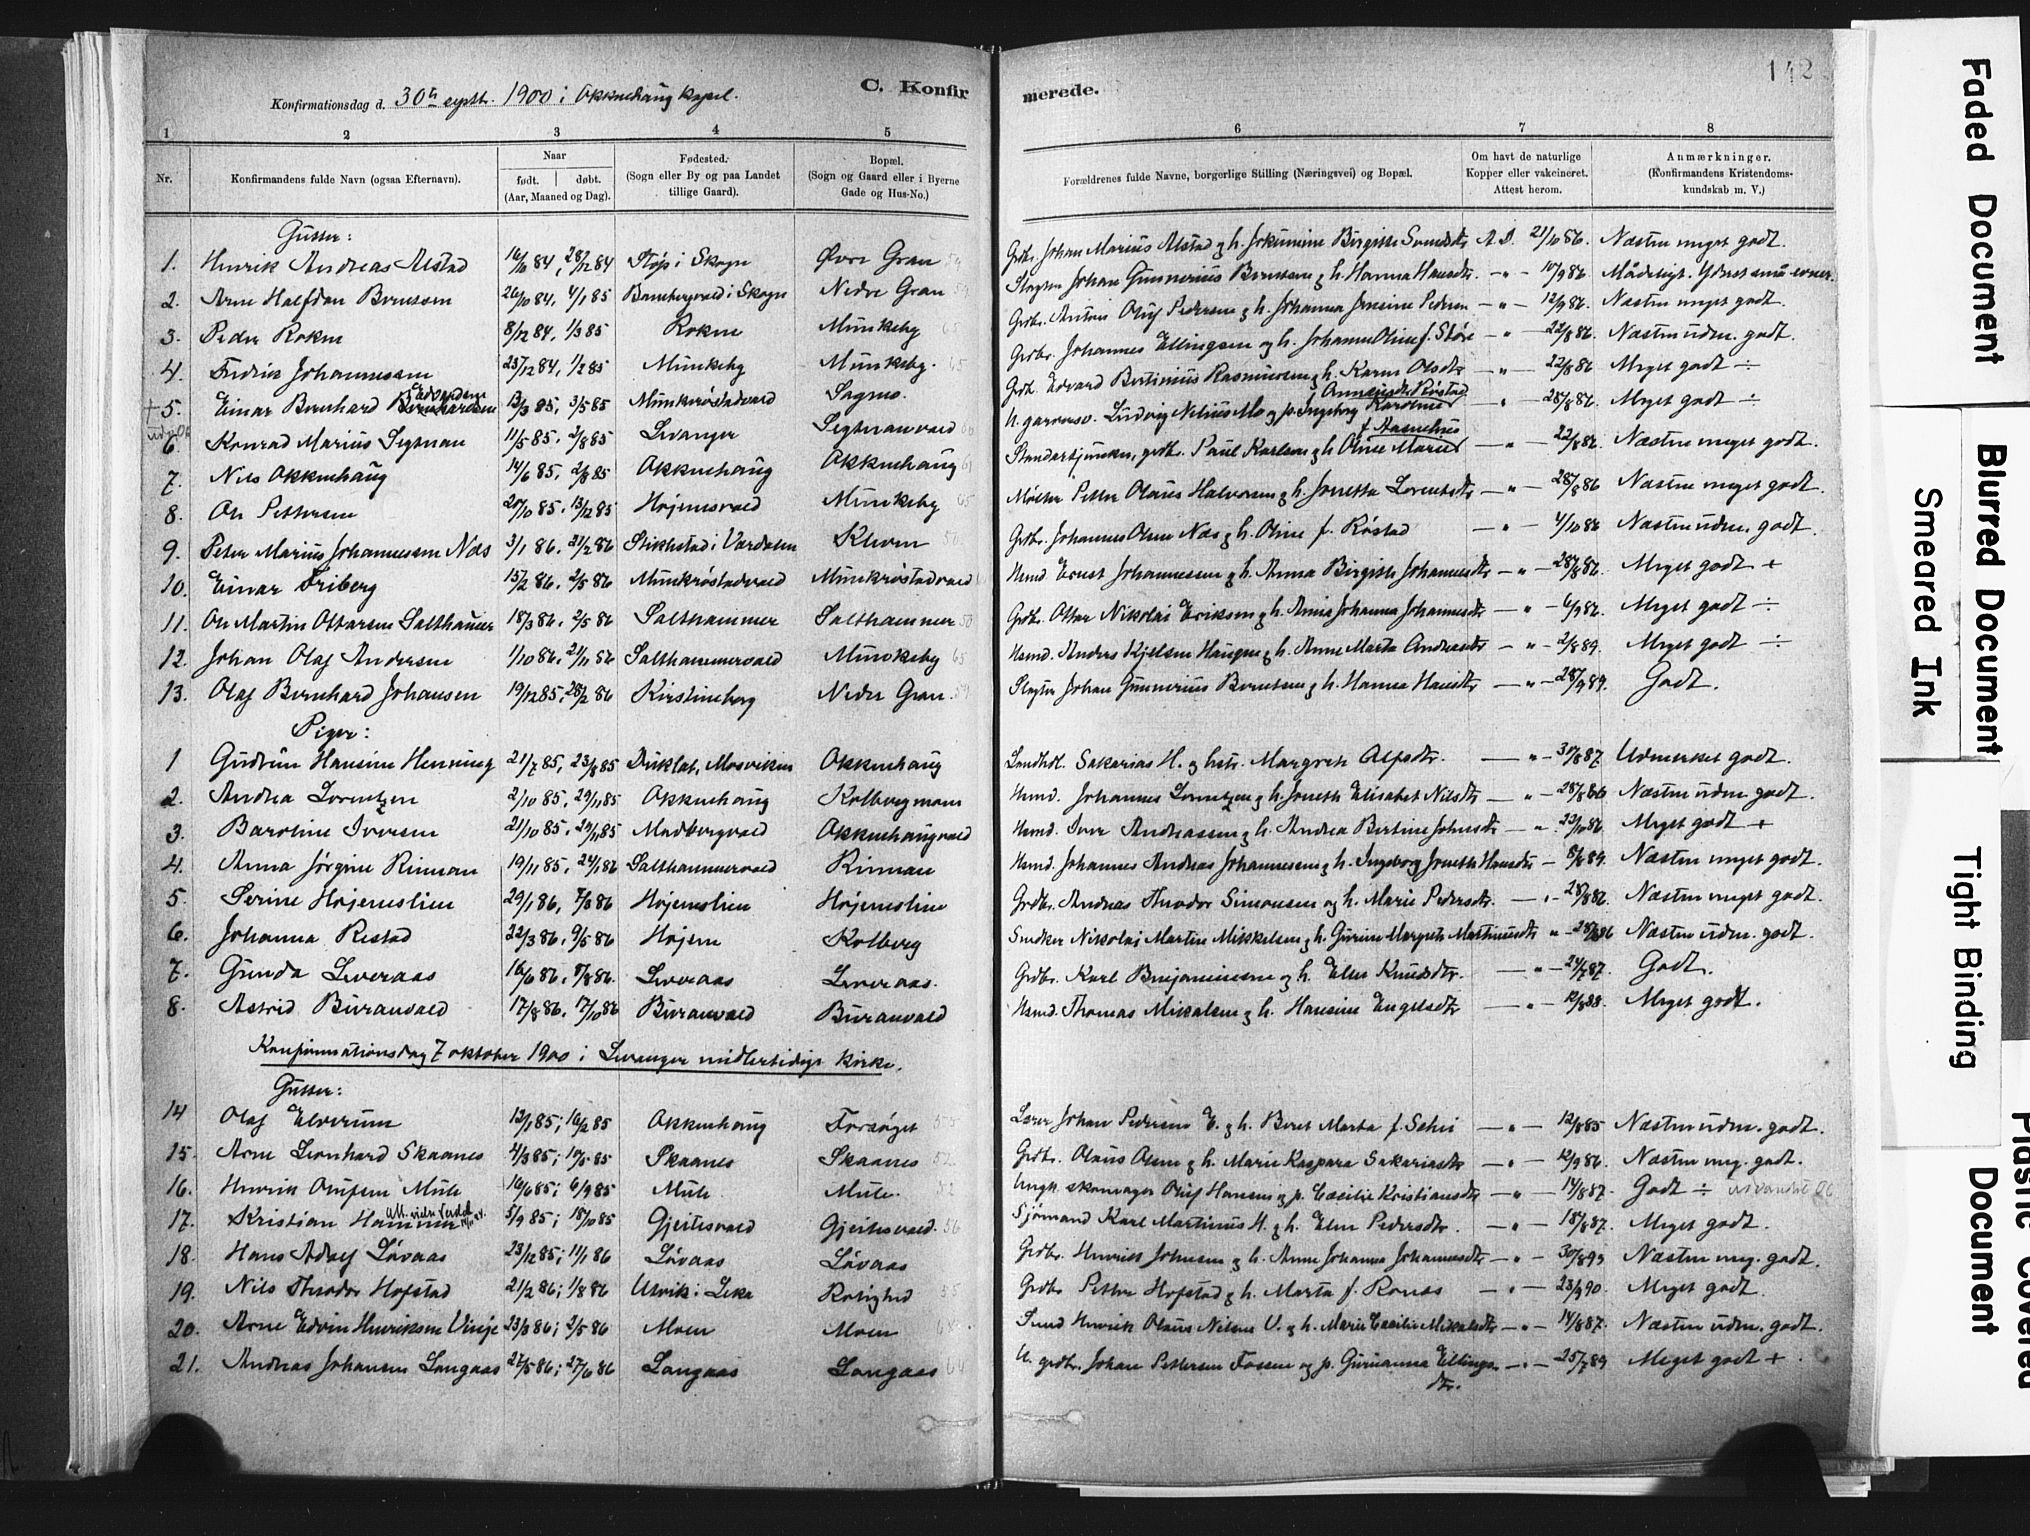 SAT, Ministerialprotokoller, klokkerbøker og fødselsregistre - Nord-Trøndelag, 721/L0207: Ministerialbok nr. 721A02, 1880-1911, s. 142